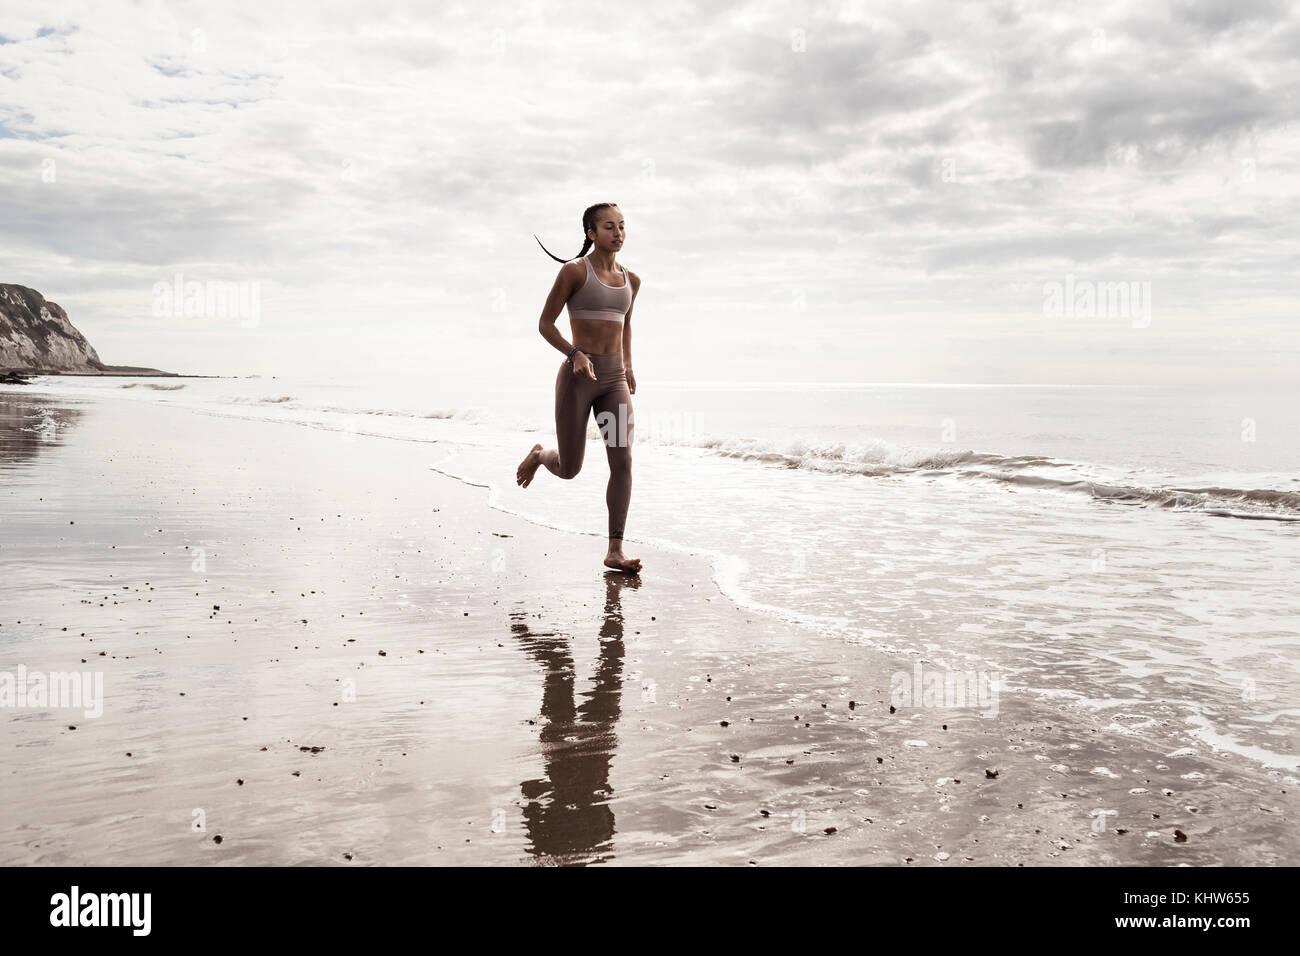 Jeune coureuse en marche pieds nus le long de la plage au bord de l'eau Photo Stock